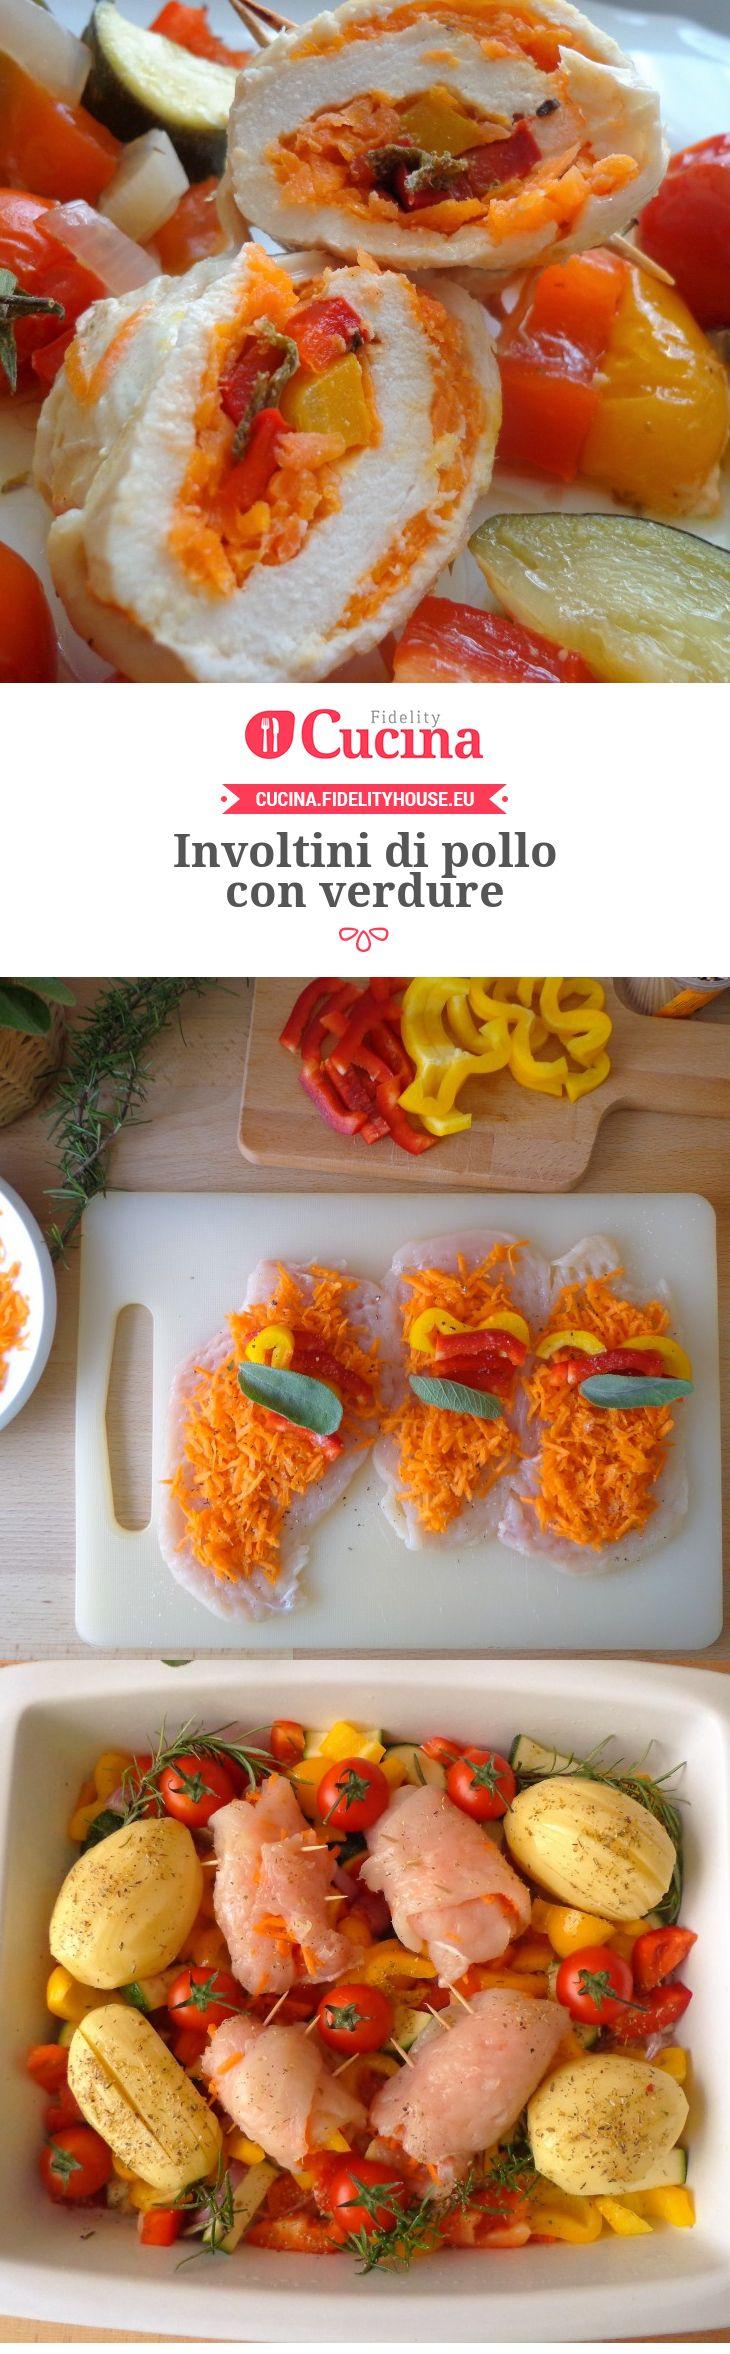 Involtini di pollo con verdure